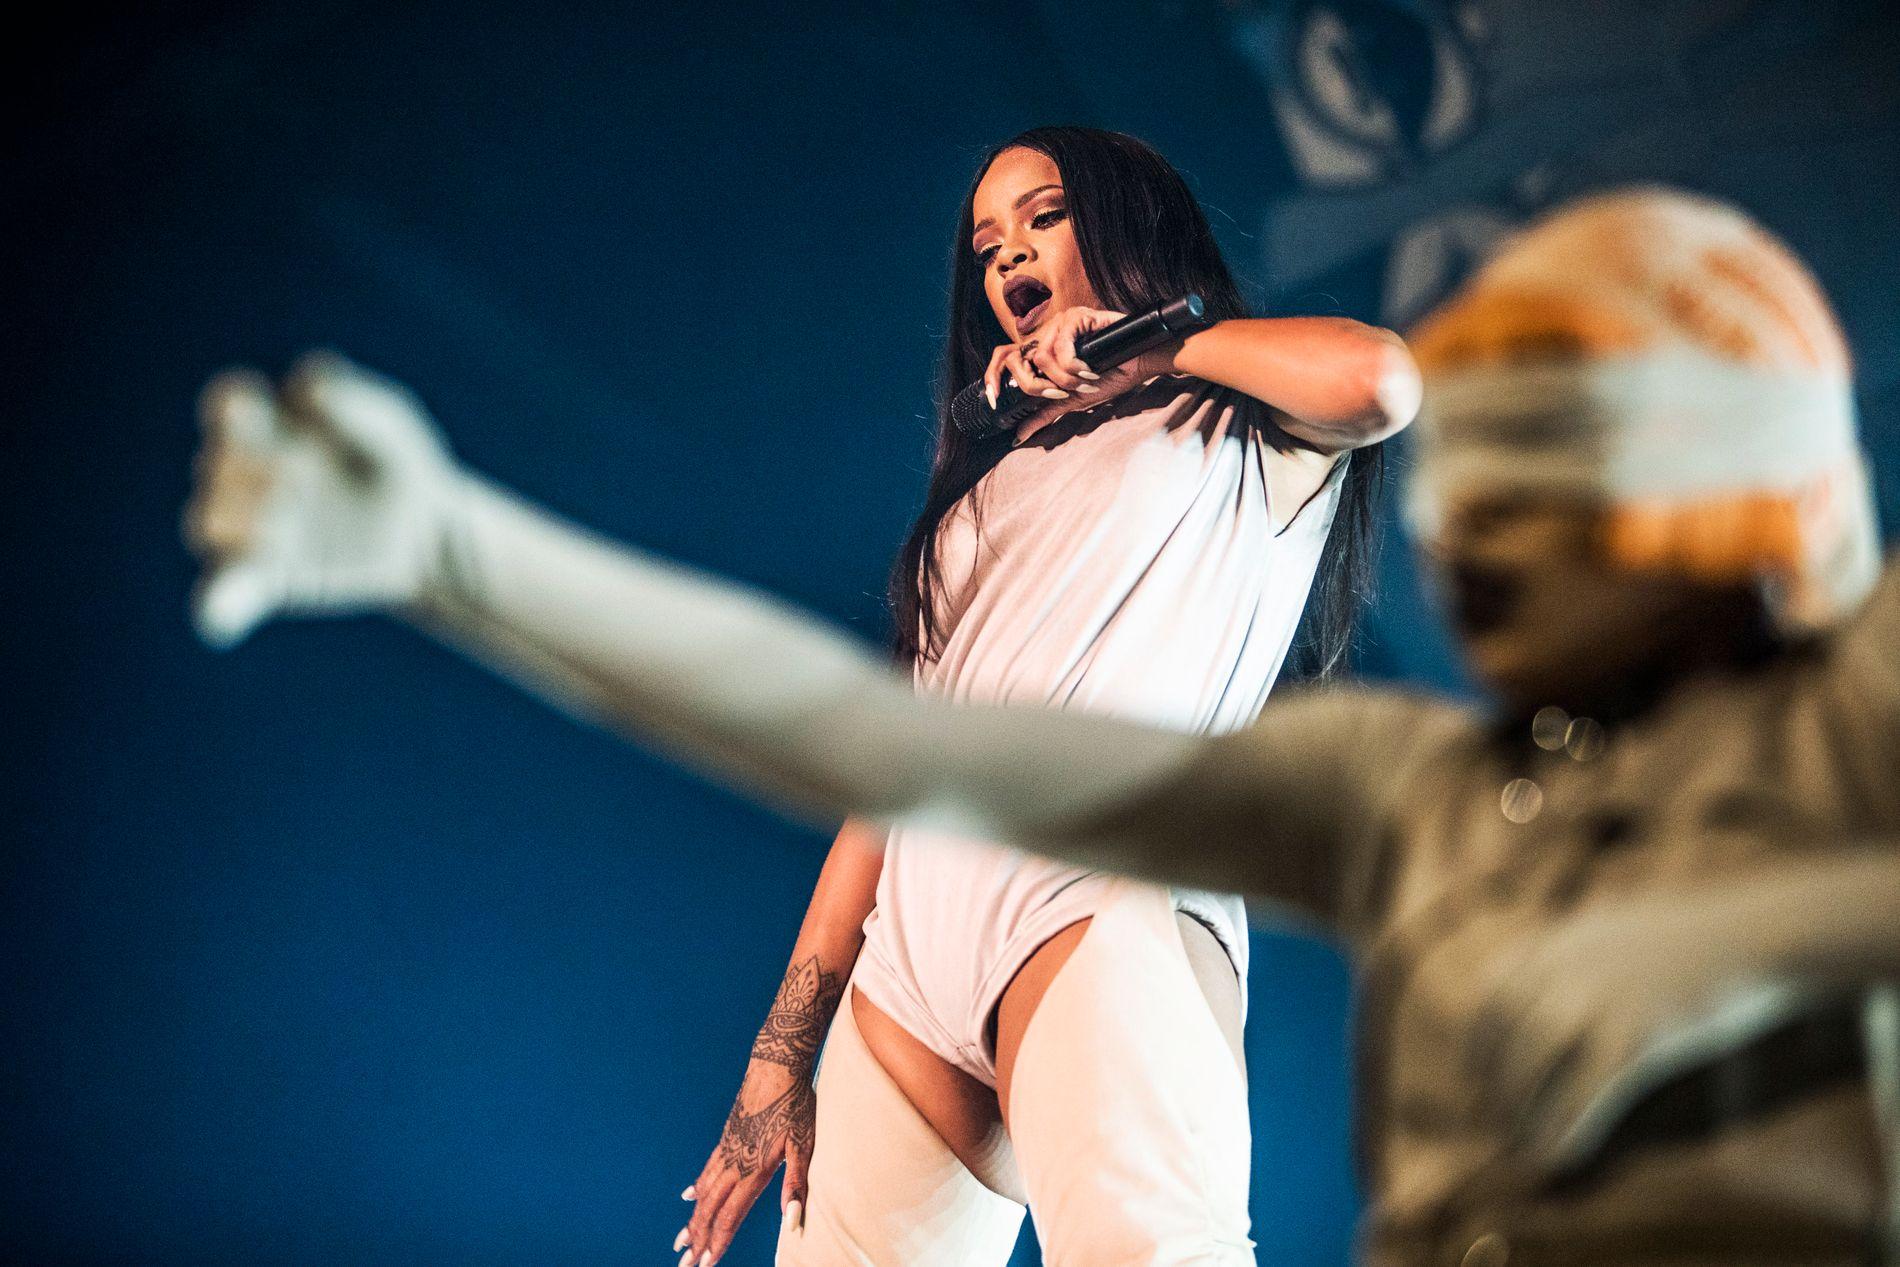 SUPERSTJERNE: Rihanna har lagt verden for sine føtter som artist. Om du danser til hennes rytmer på nattklubb kan det hende en nordmann har hatt en finger med i spillet. Her står hun på scenen i Telenor Arena.